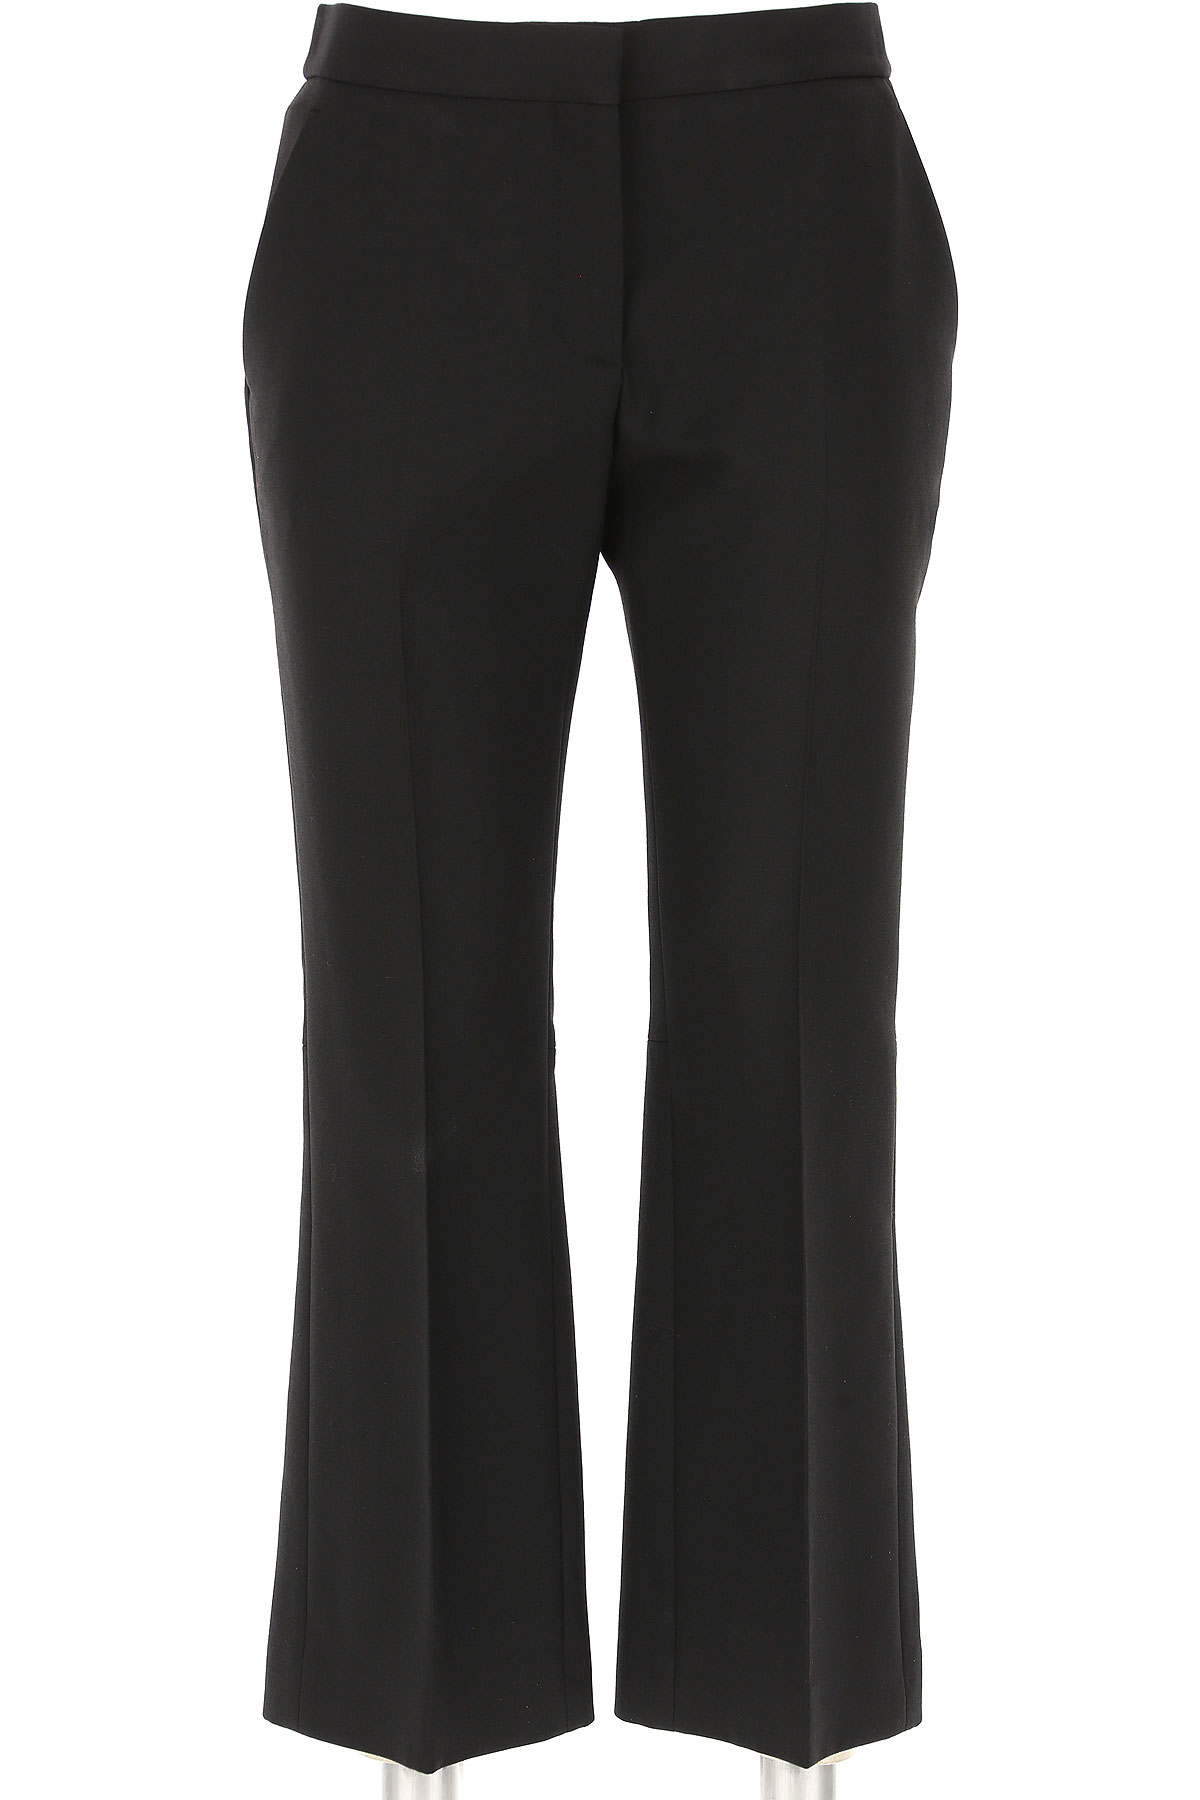 Image of Alexander McQueen Pants for Women, Black, Wool, 2017, 24 26 28